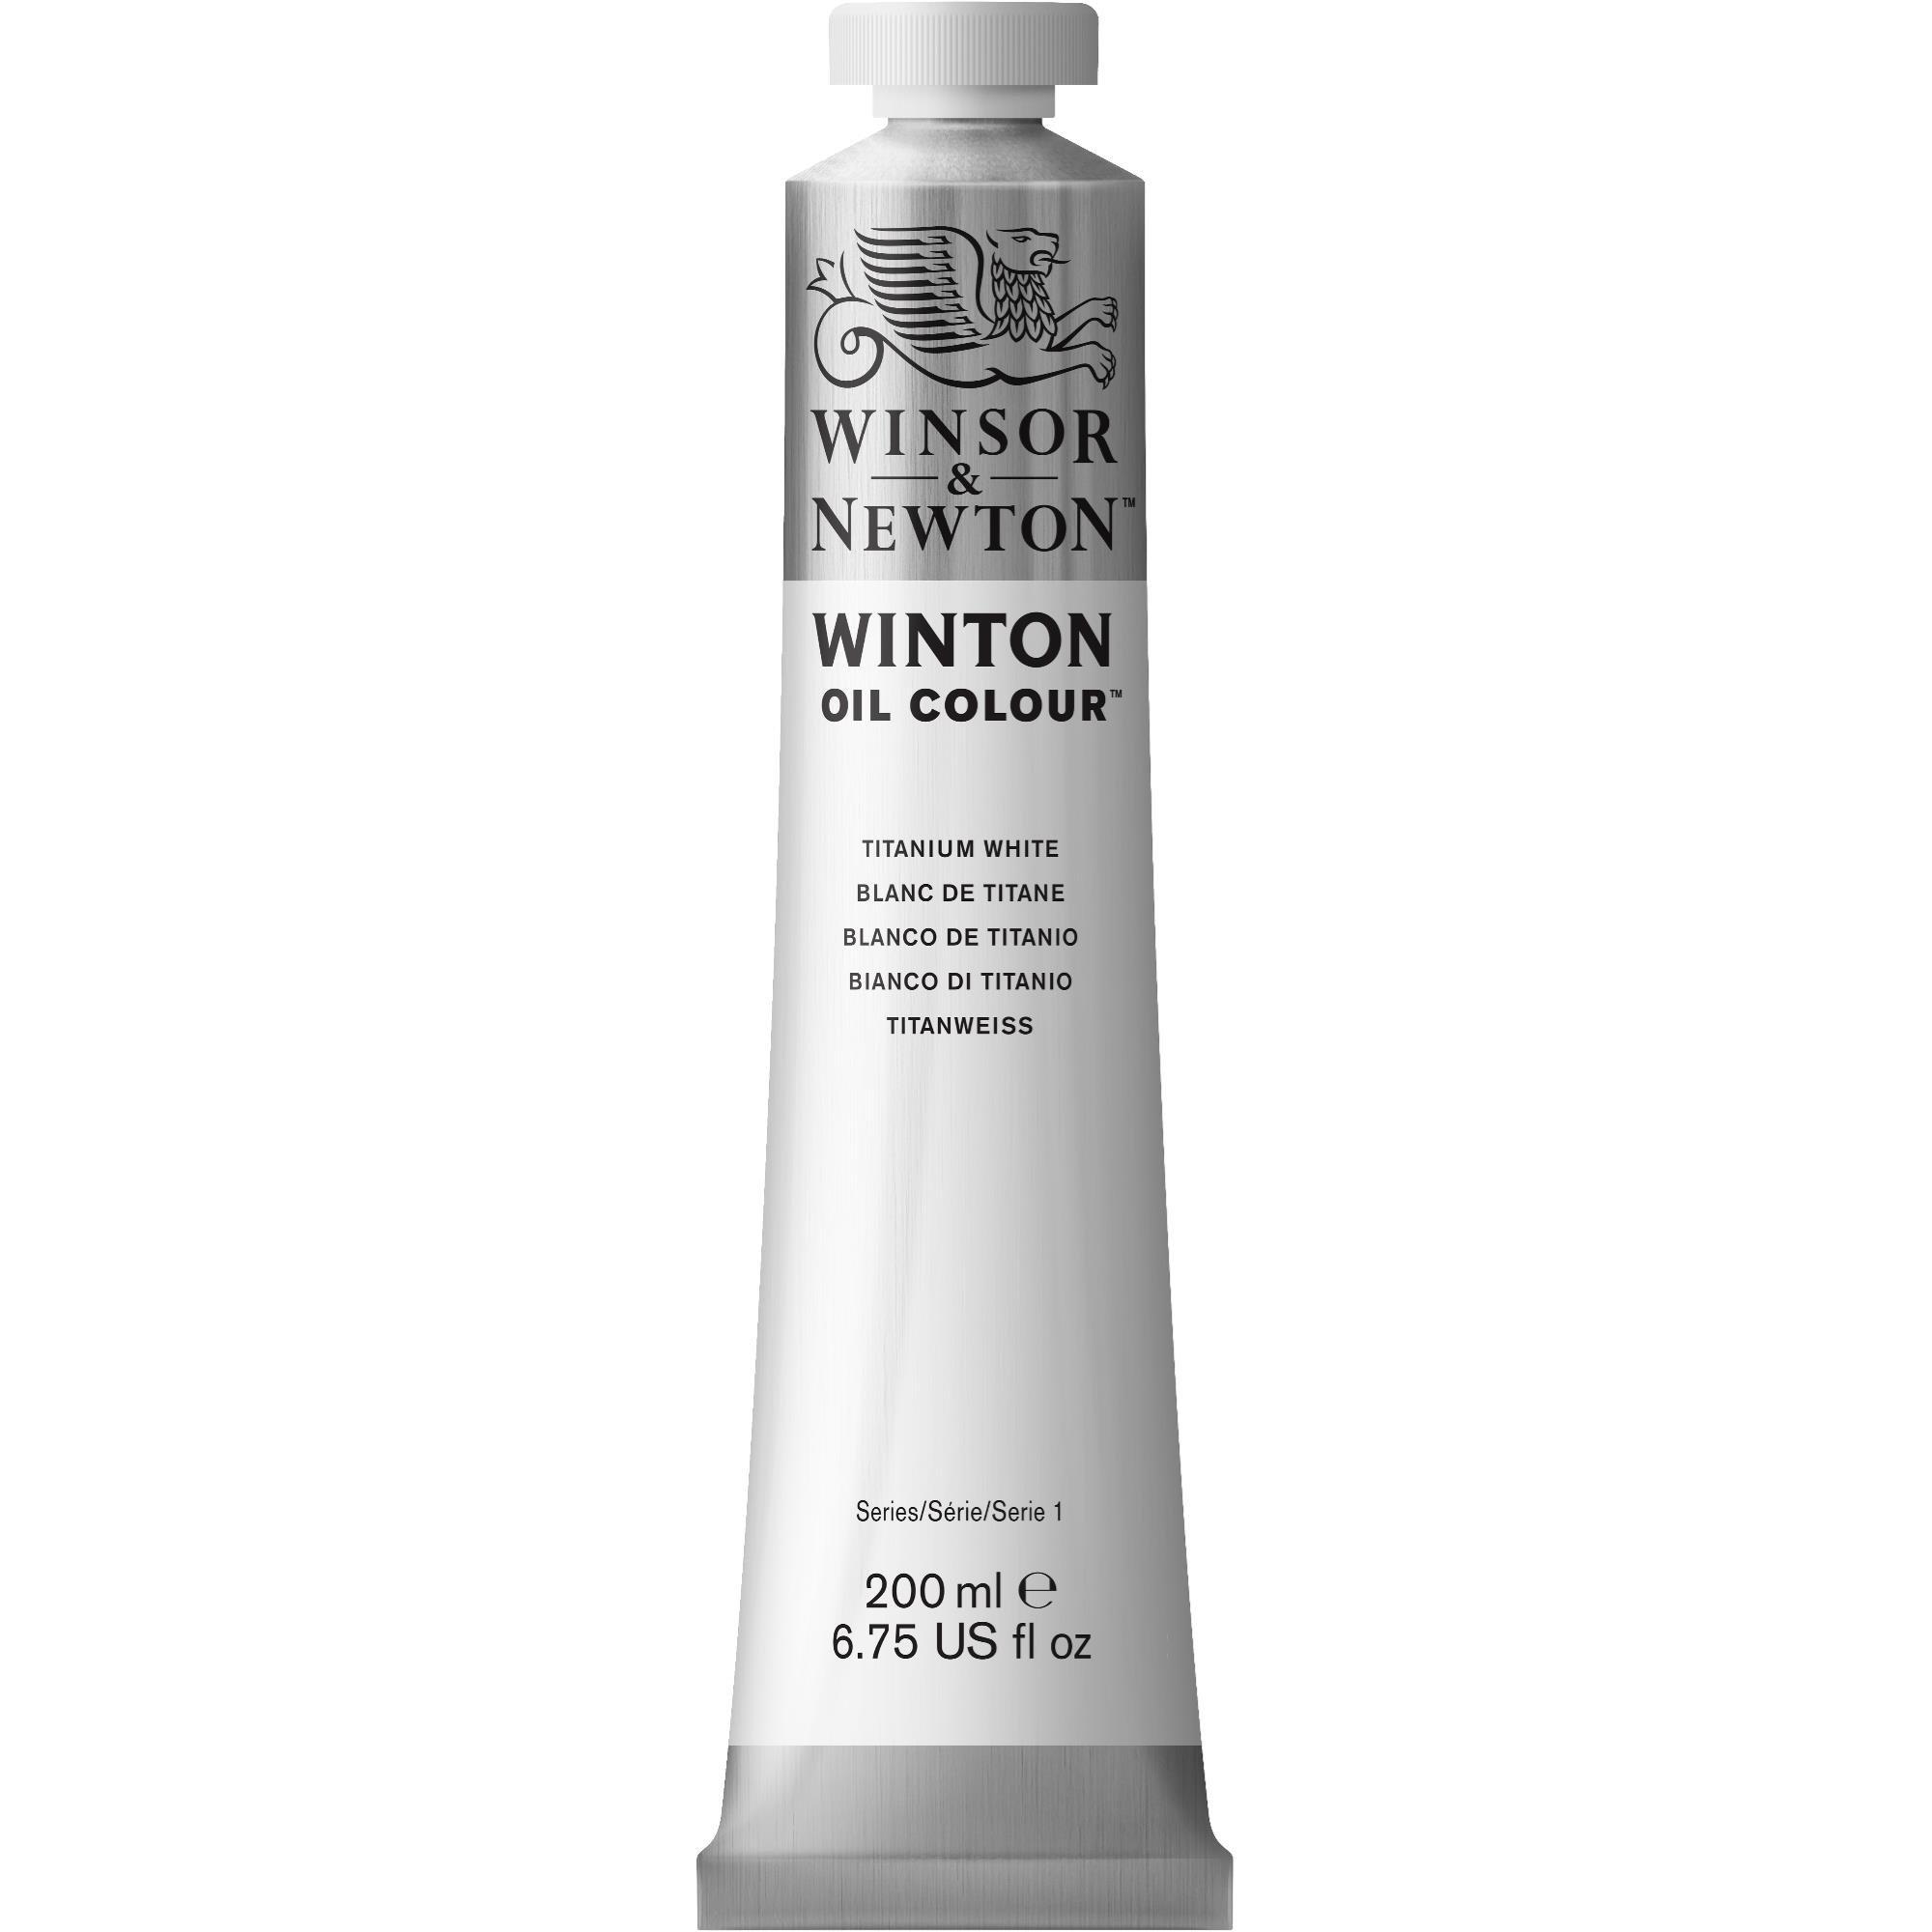 Winsor & Newton Winton Oil Colour Paint, 200ml tube, Titanium White by Winsor & Newton